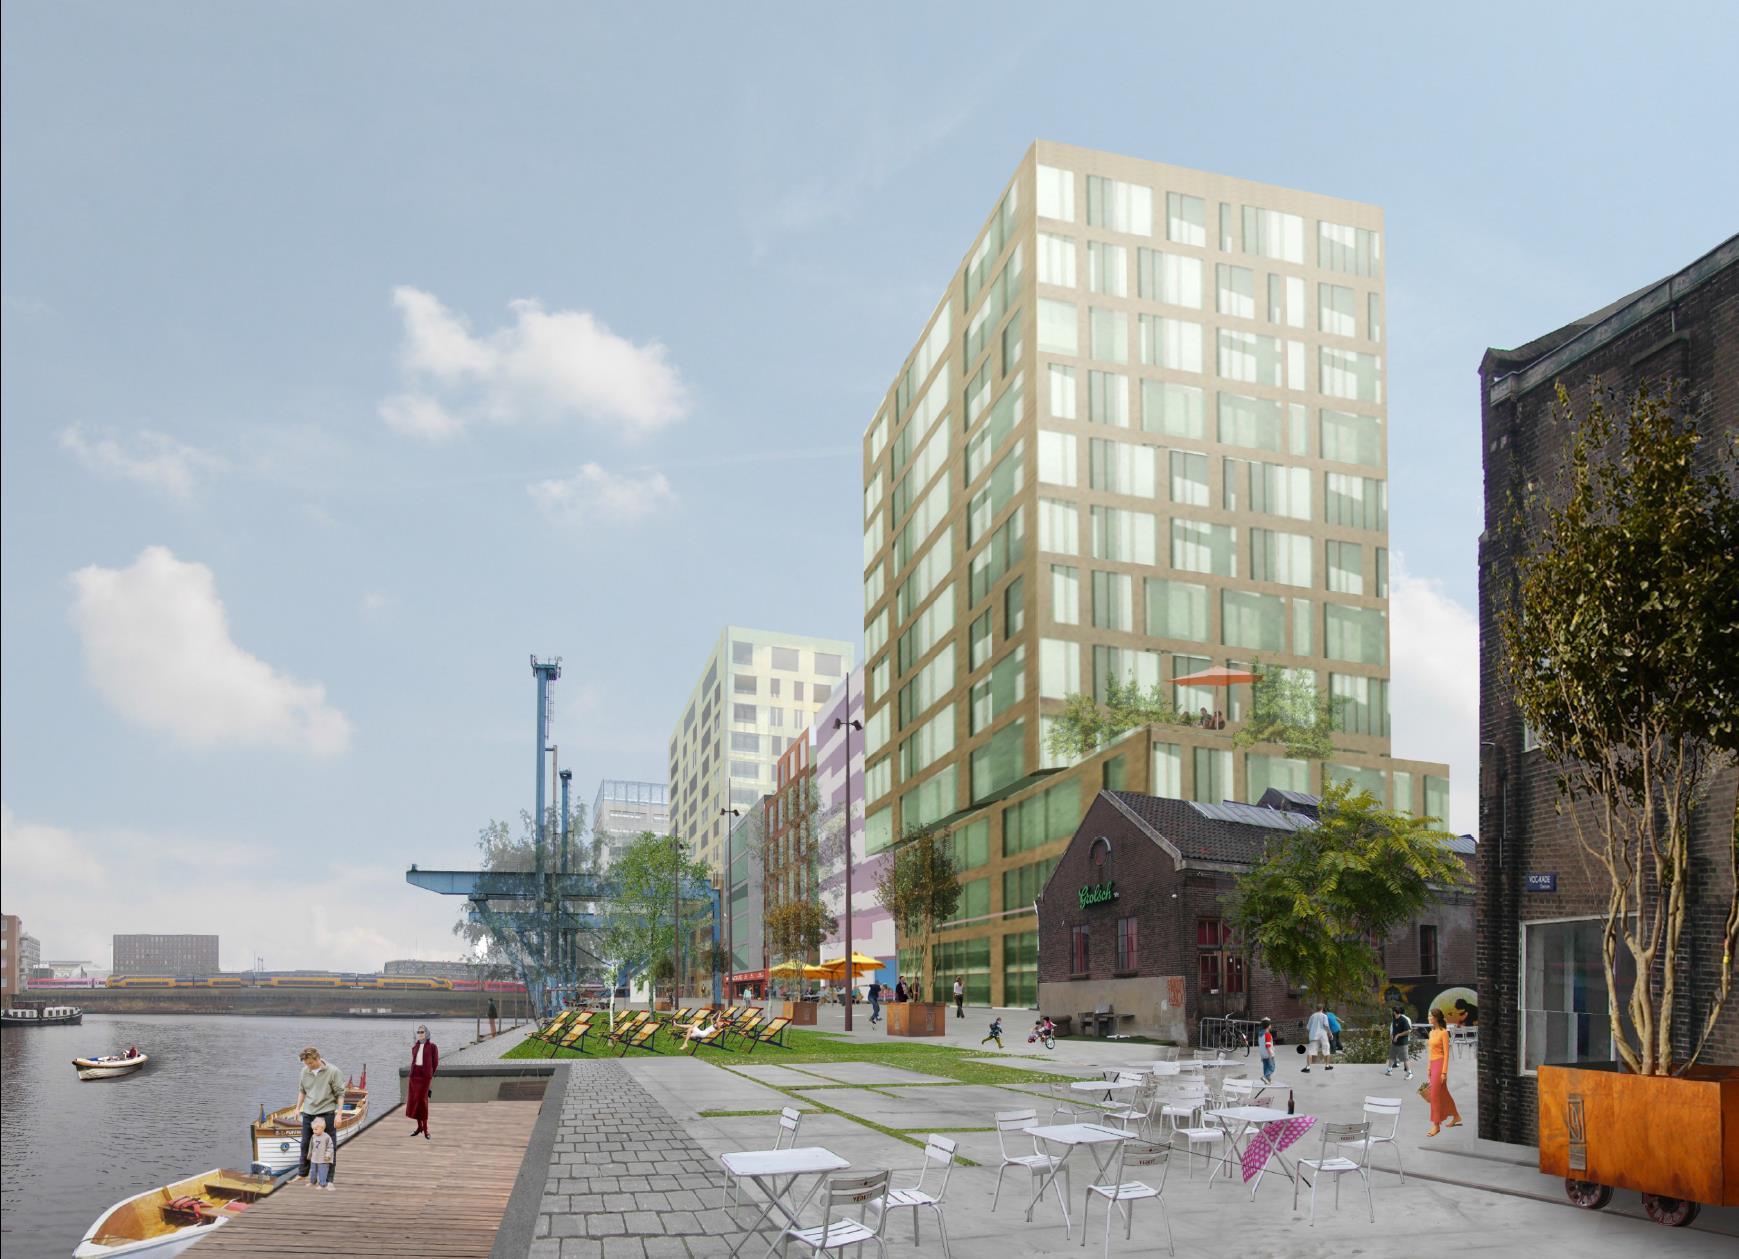 De voorgestelde hoogbouw aan de VOC-kade, Wittenburgervaart